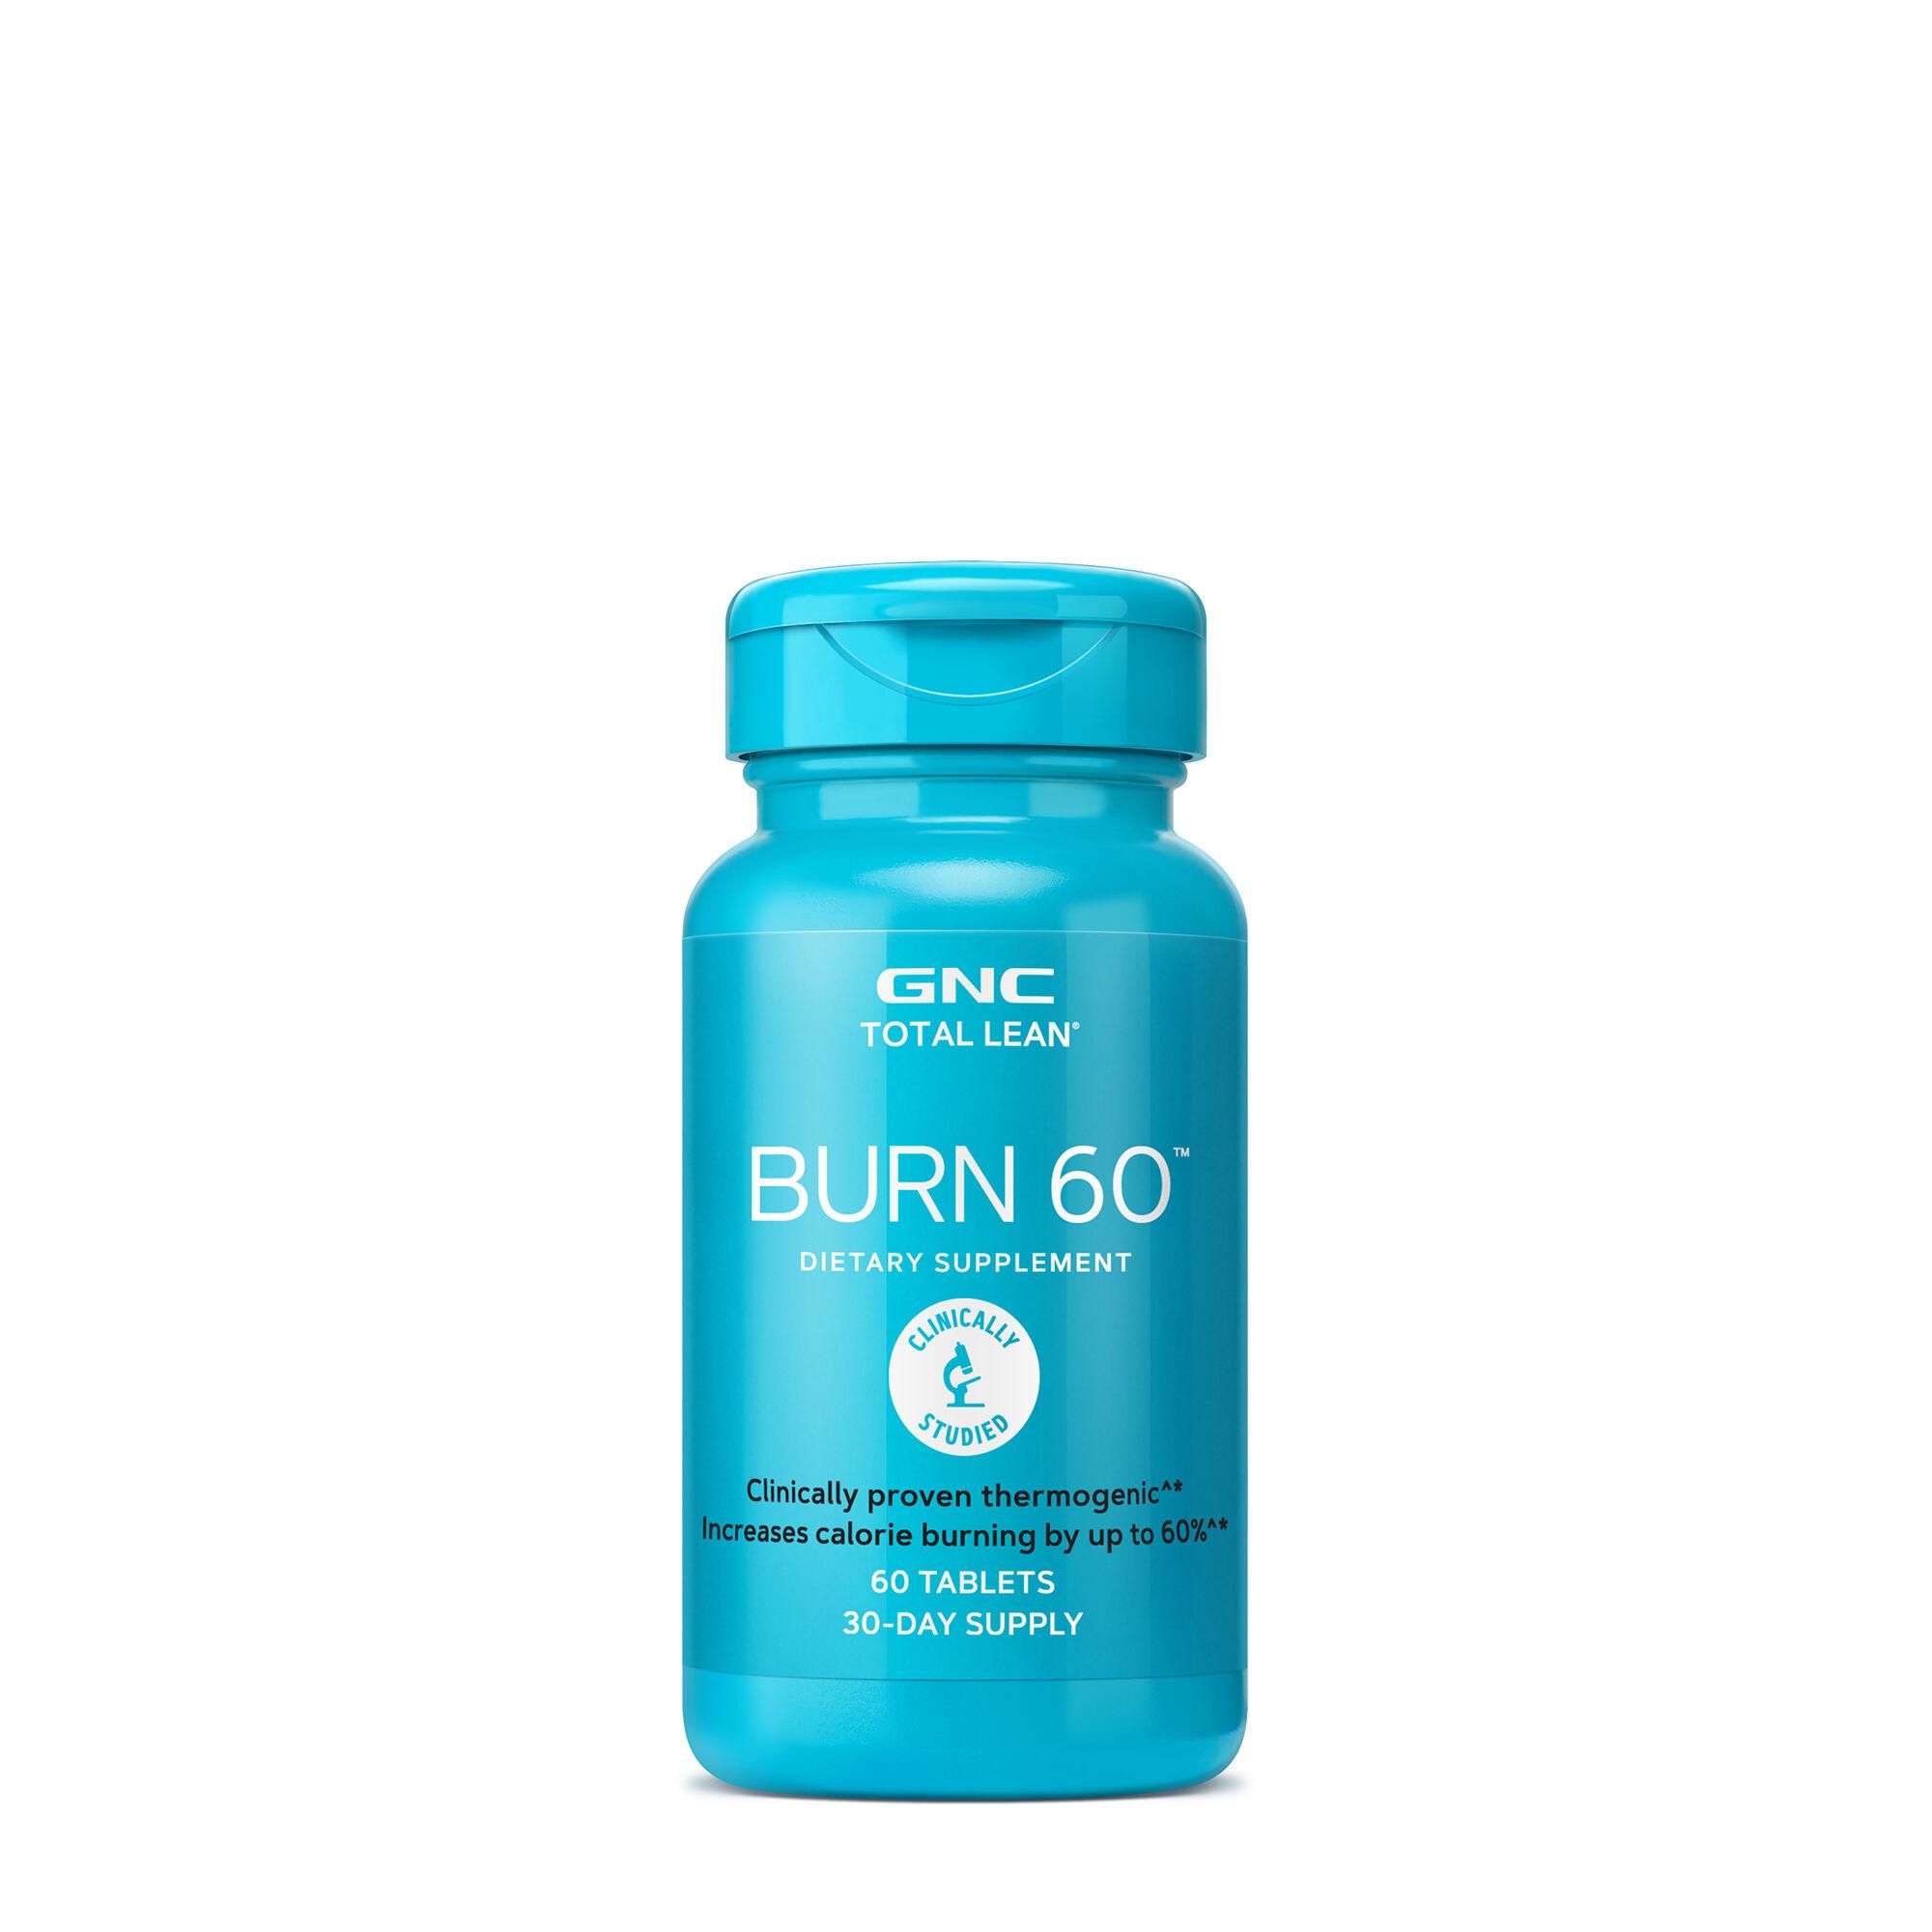 Burn 60™